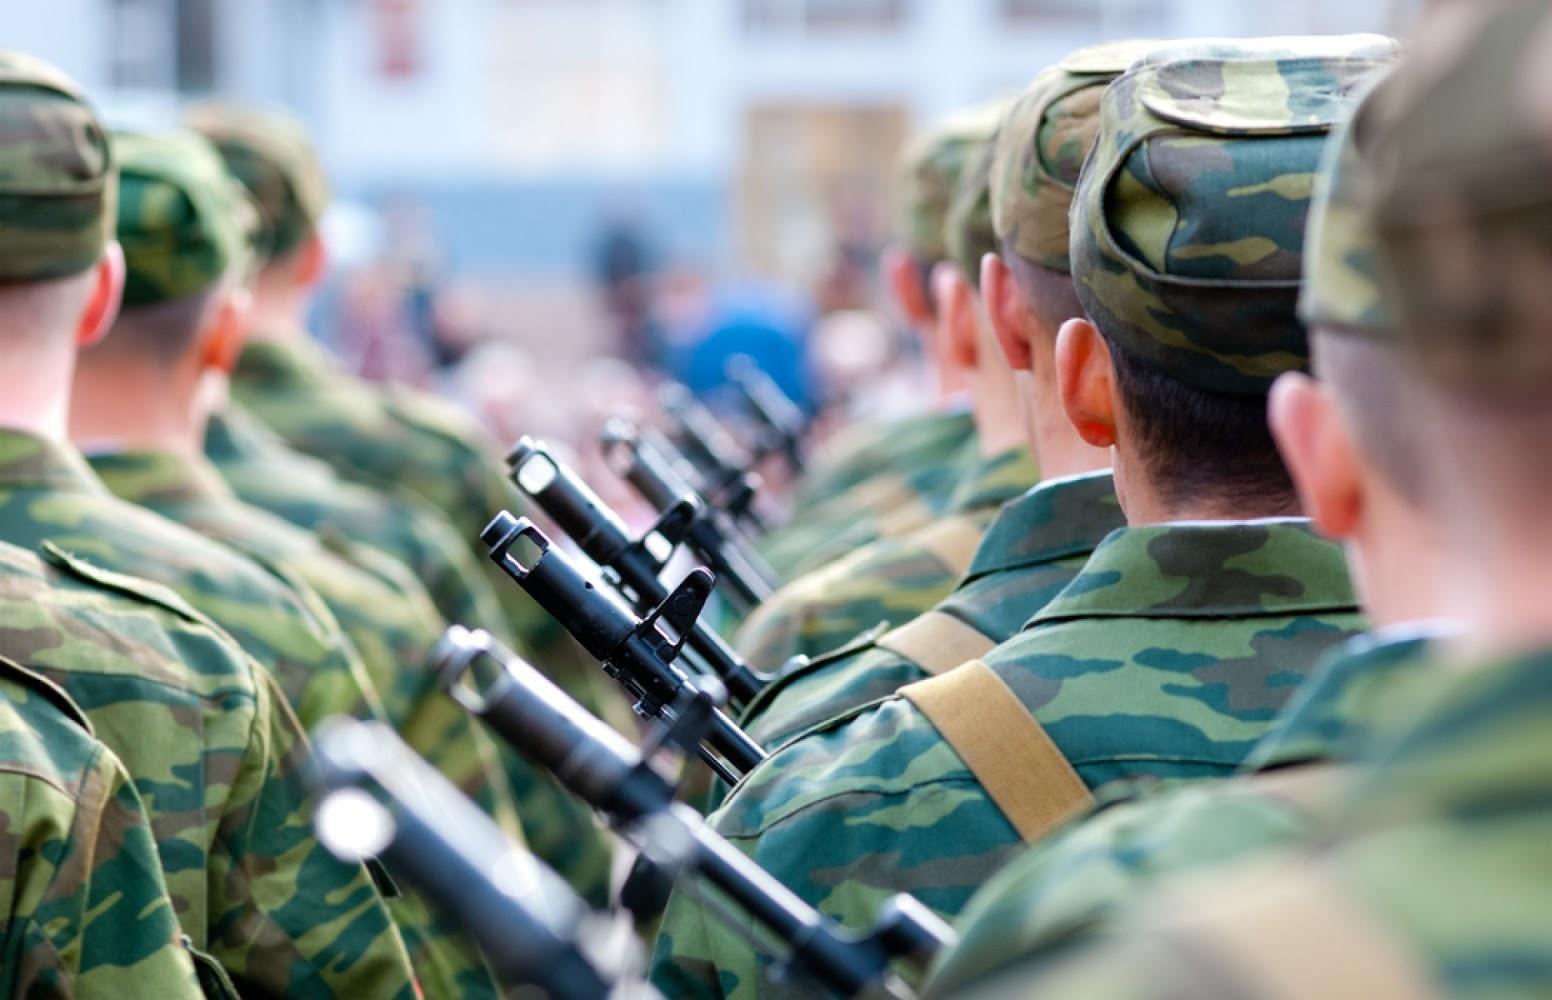 В Тверской области офицера оштрафовали за травму рядового - новости Афанасий